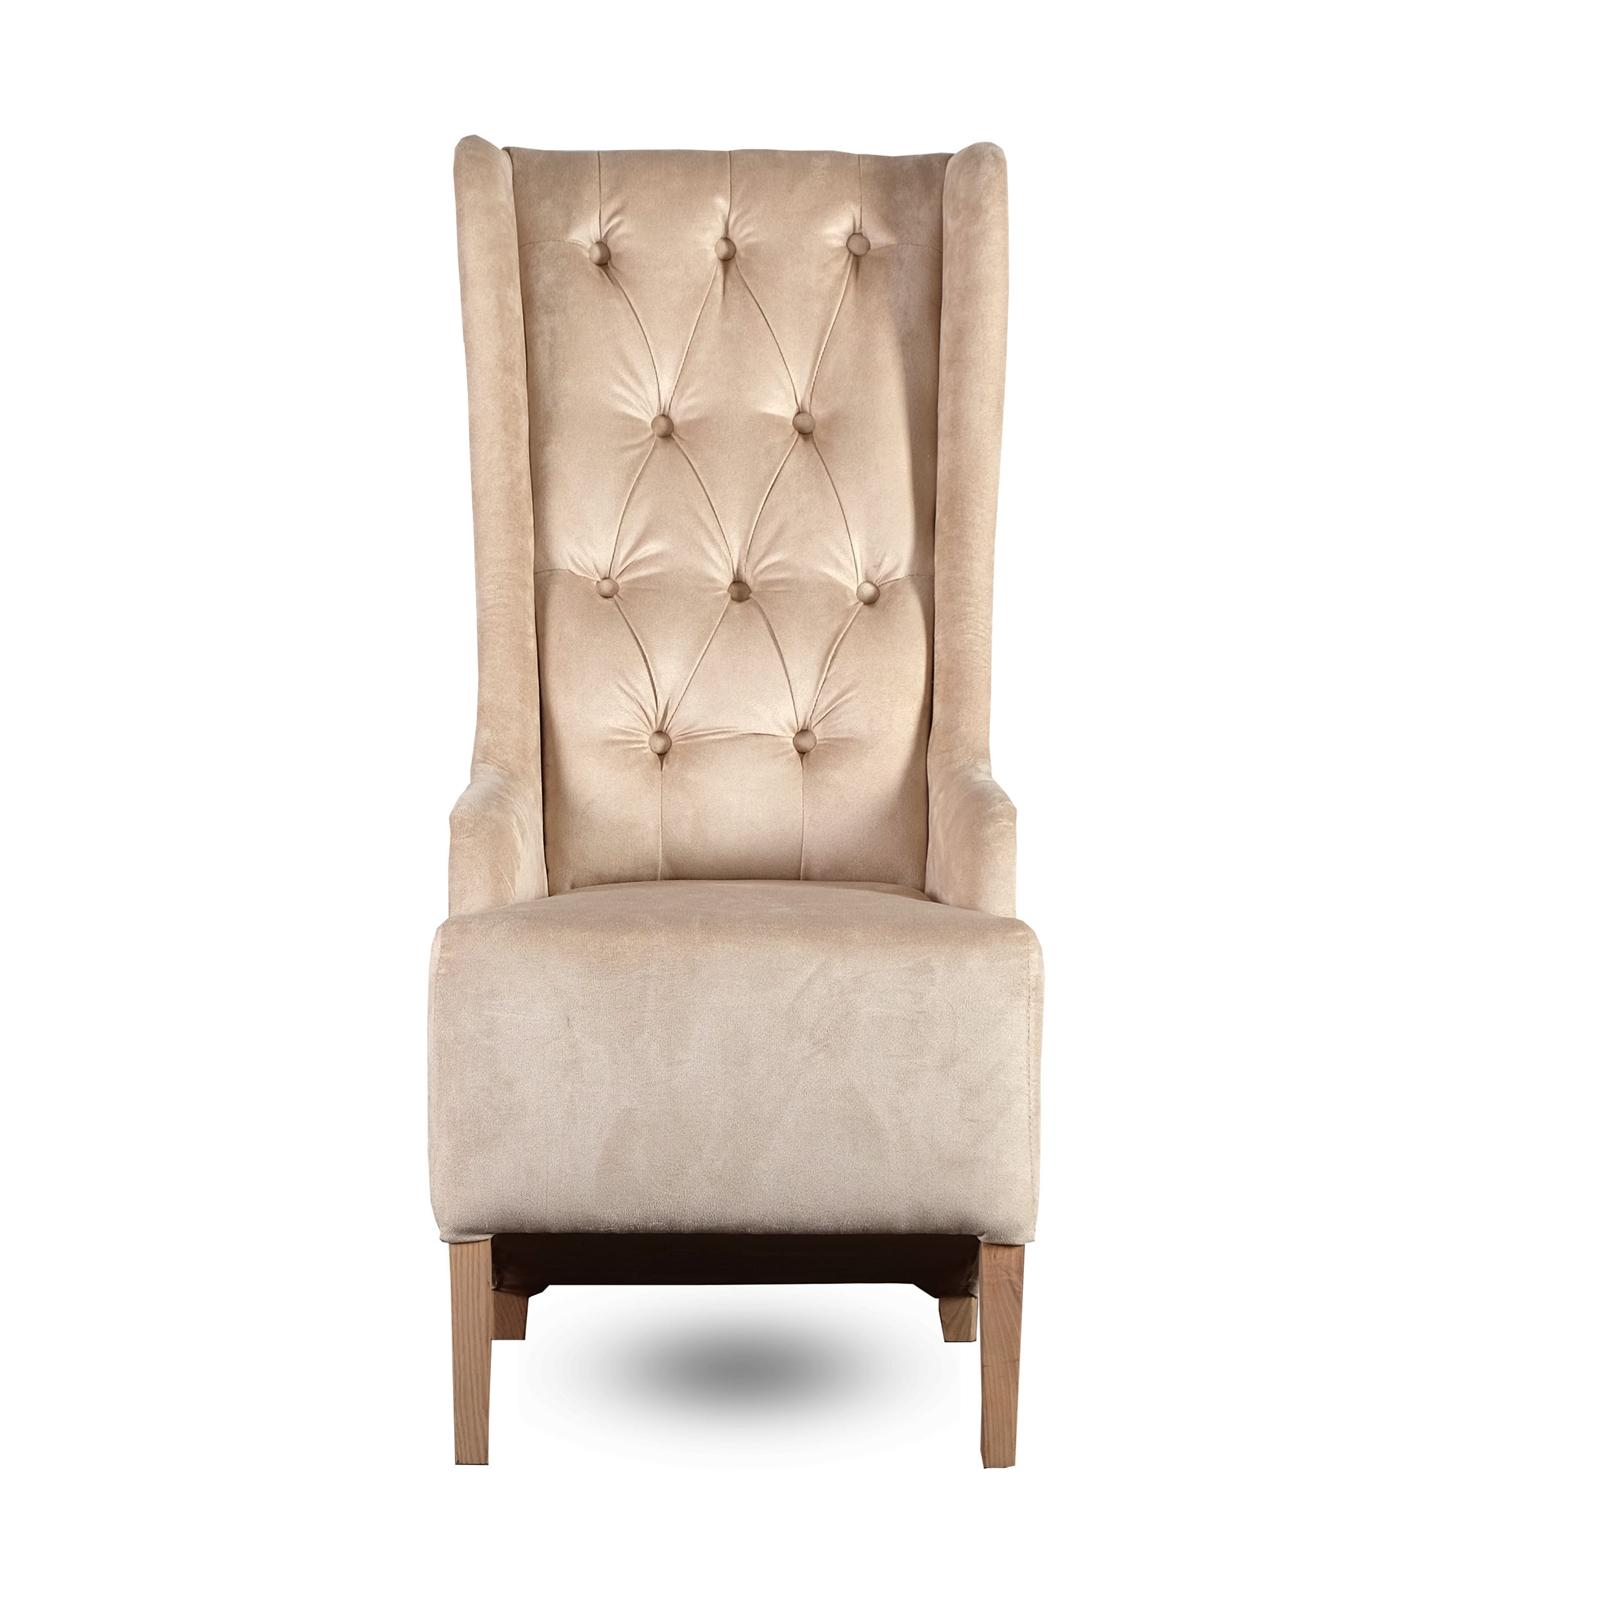 Padded Design Chair New York Velvet Cover Beige Living Room Chair Ebay